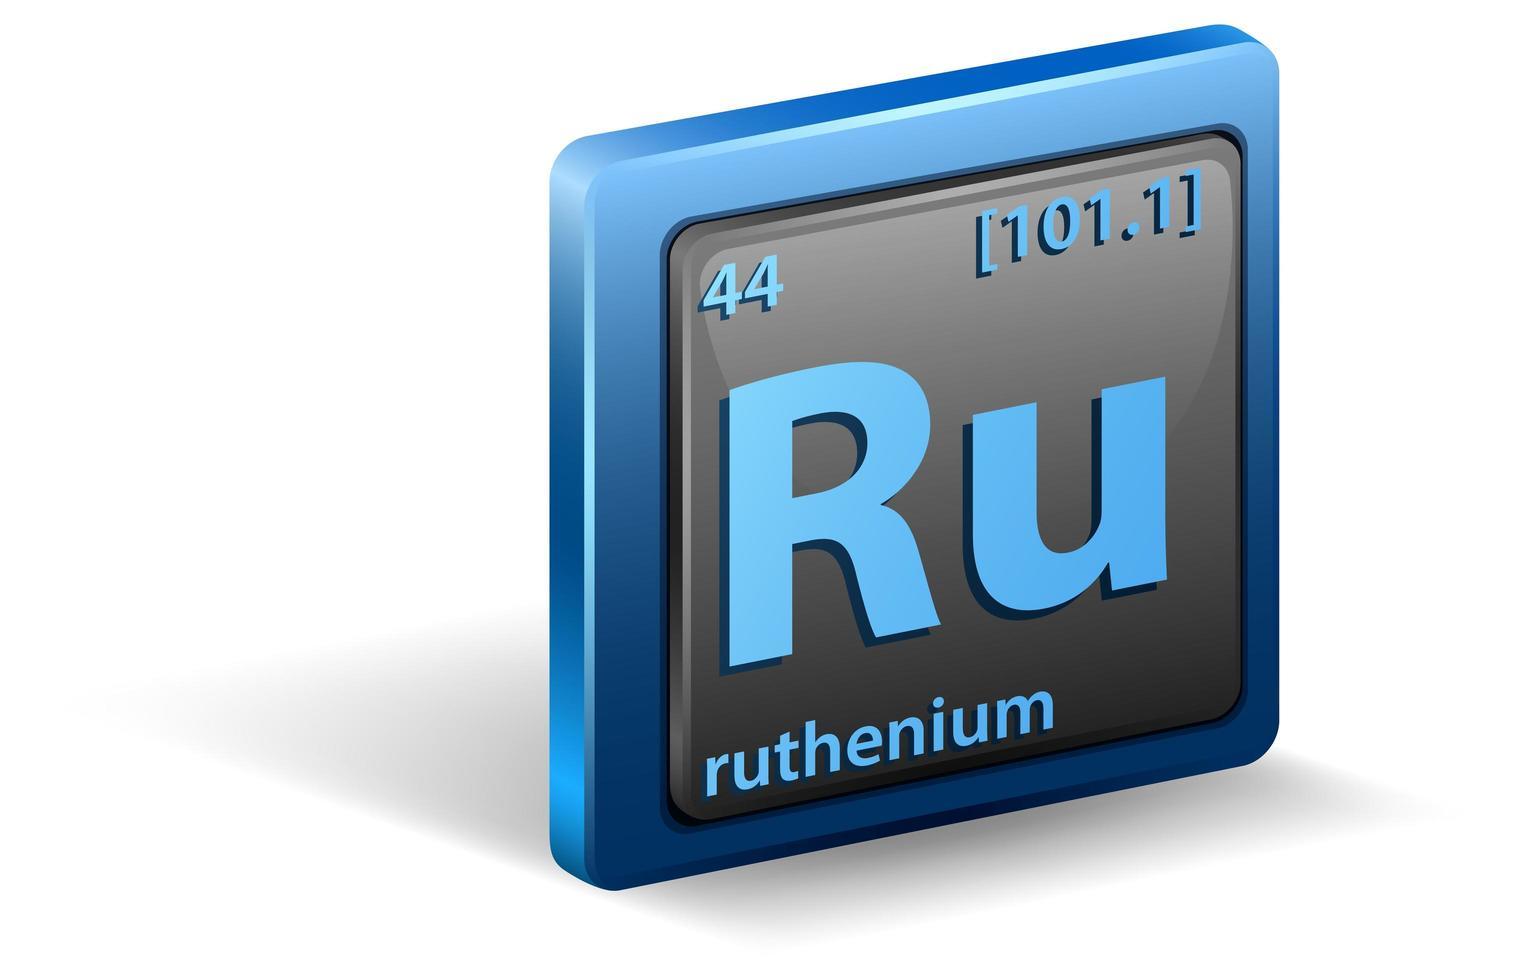 rutenium kemiskt element. kemisk symbol med atomnummer och atommassa. vektor